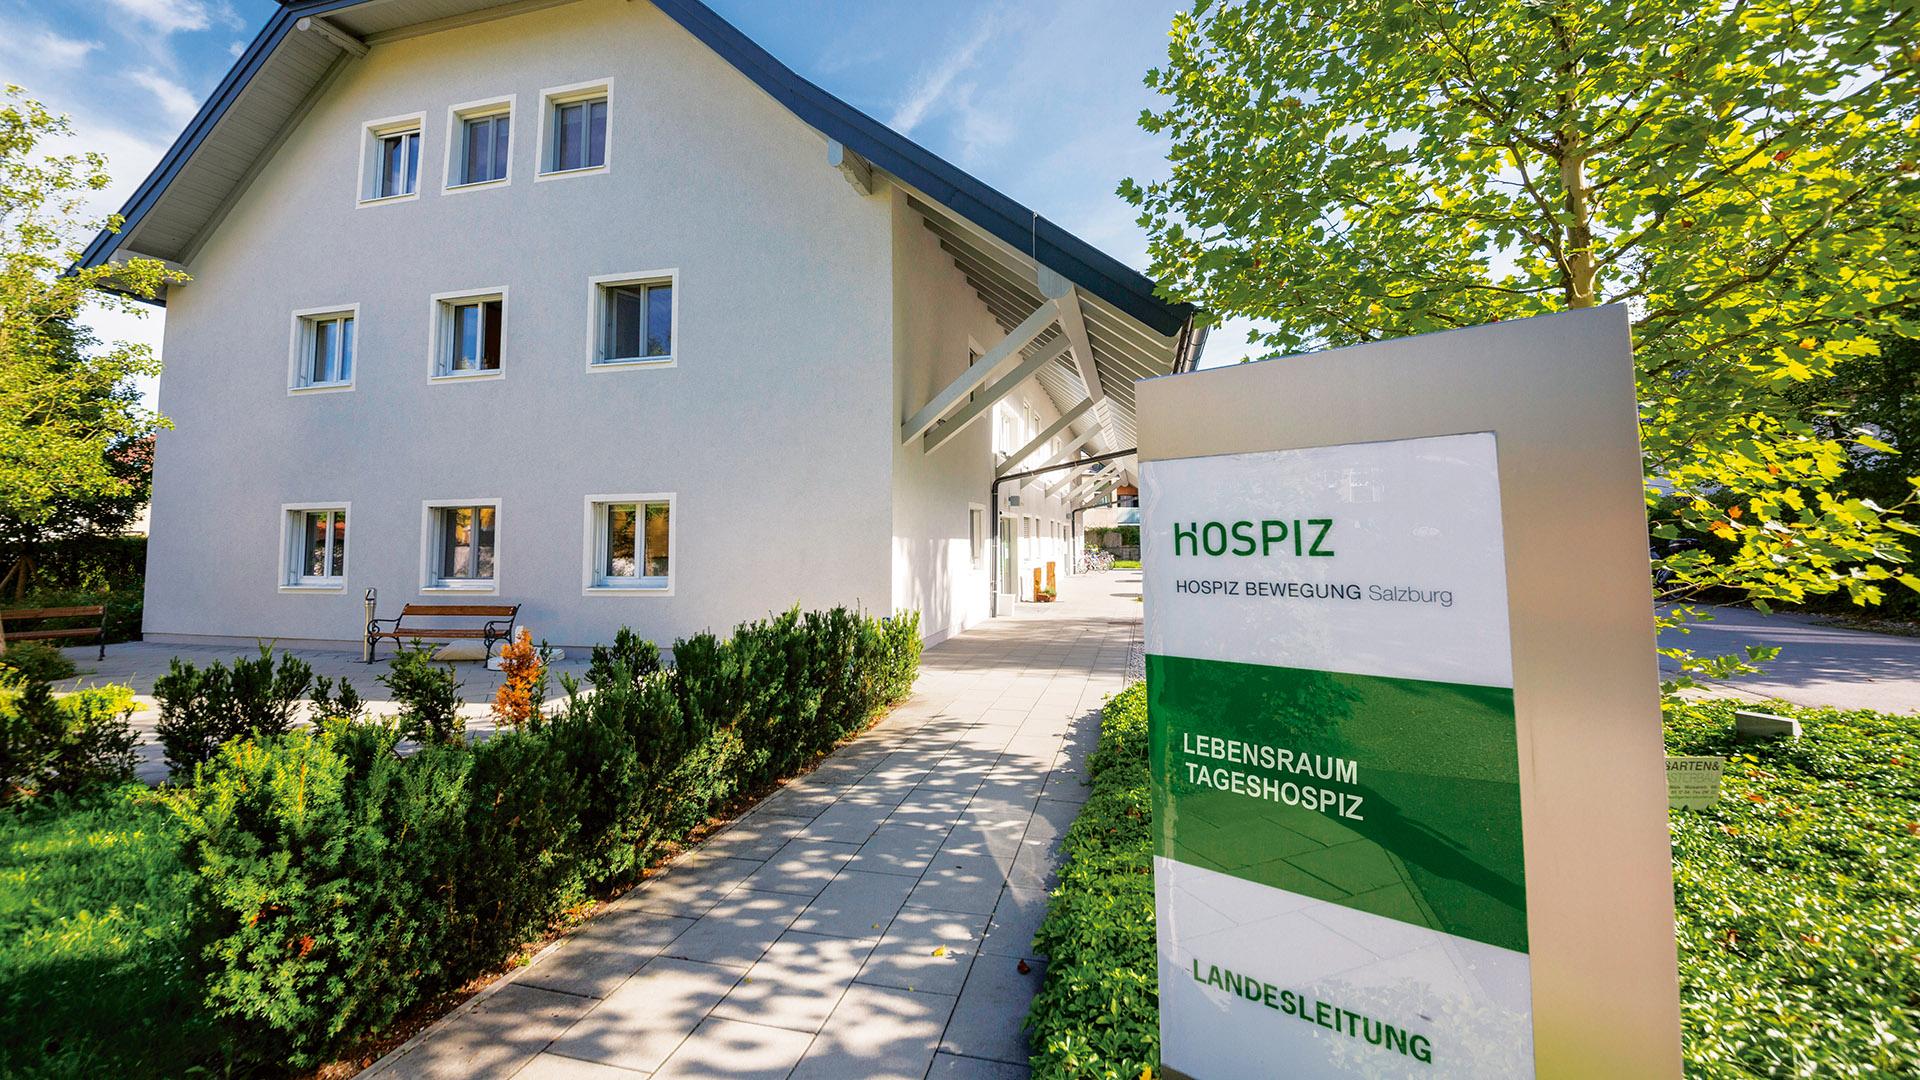 HOSPIZ-BEWEGUNG Salzburg